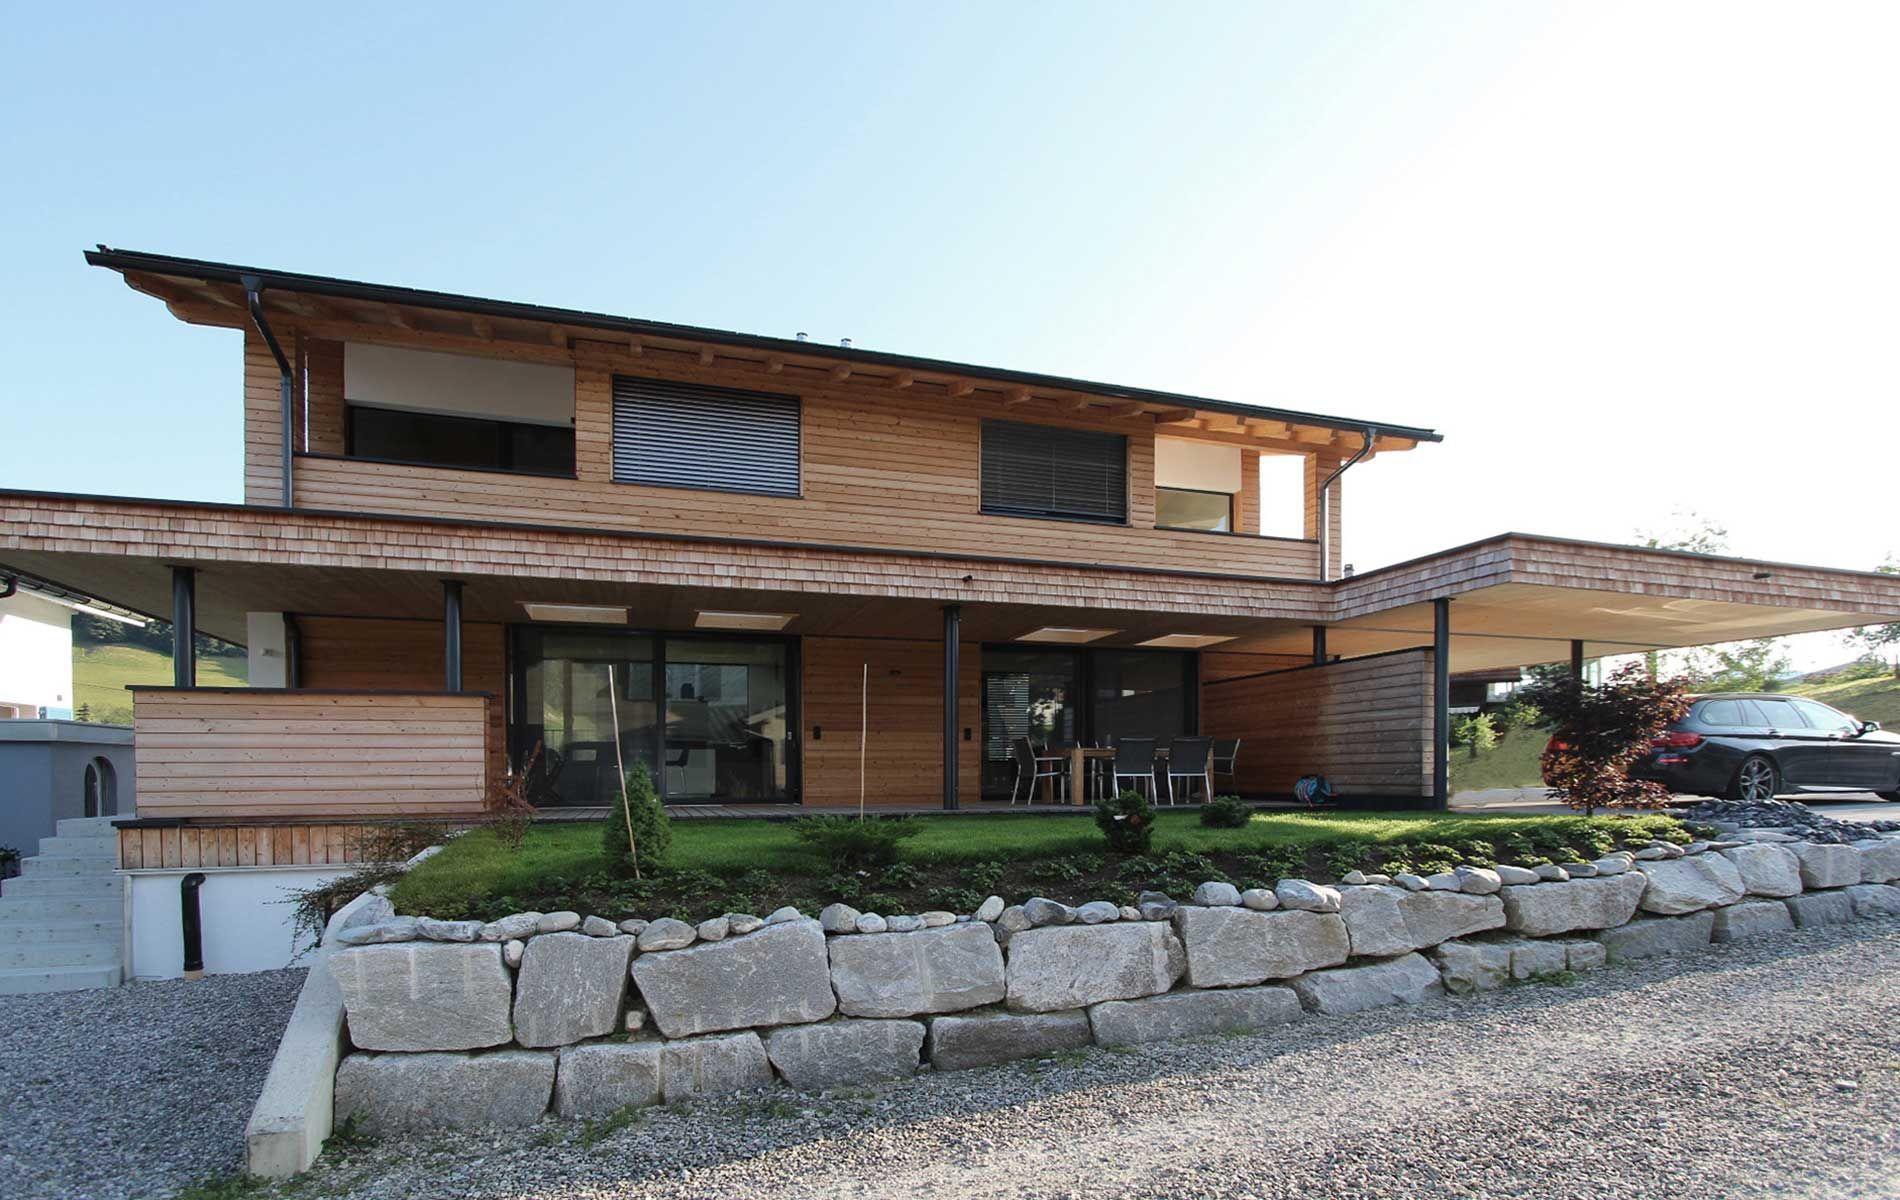 neubau zweifamilienhaus holzhaus modern was wir bauen meiberger holzbau wohlf hl. Black Bedroom Furniture Sets. Home Design Ideas